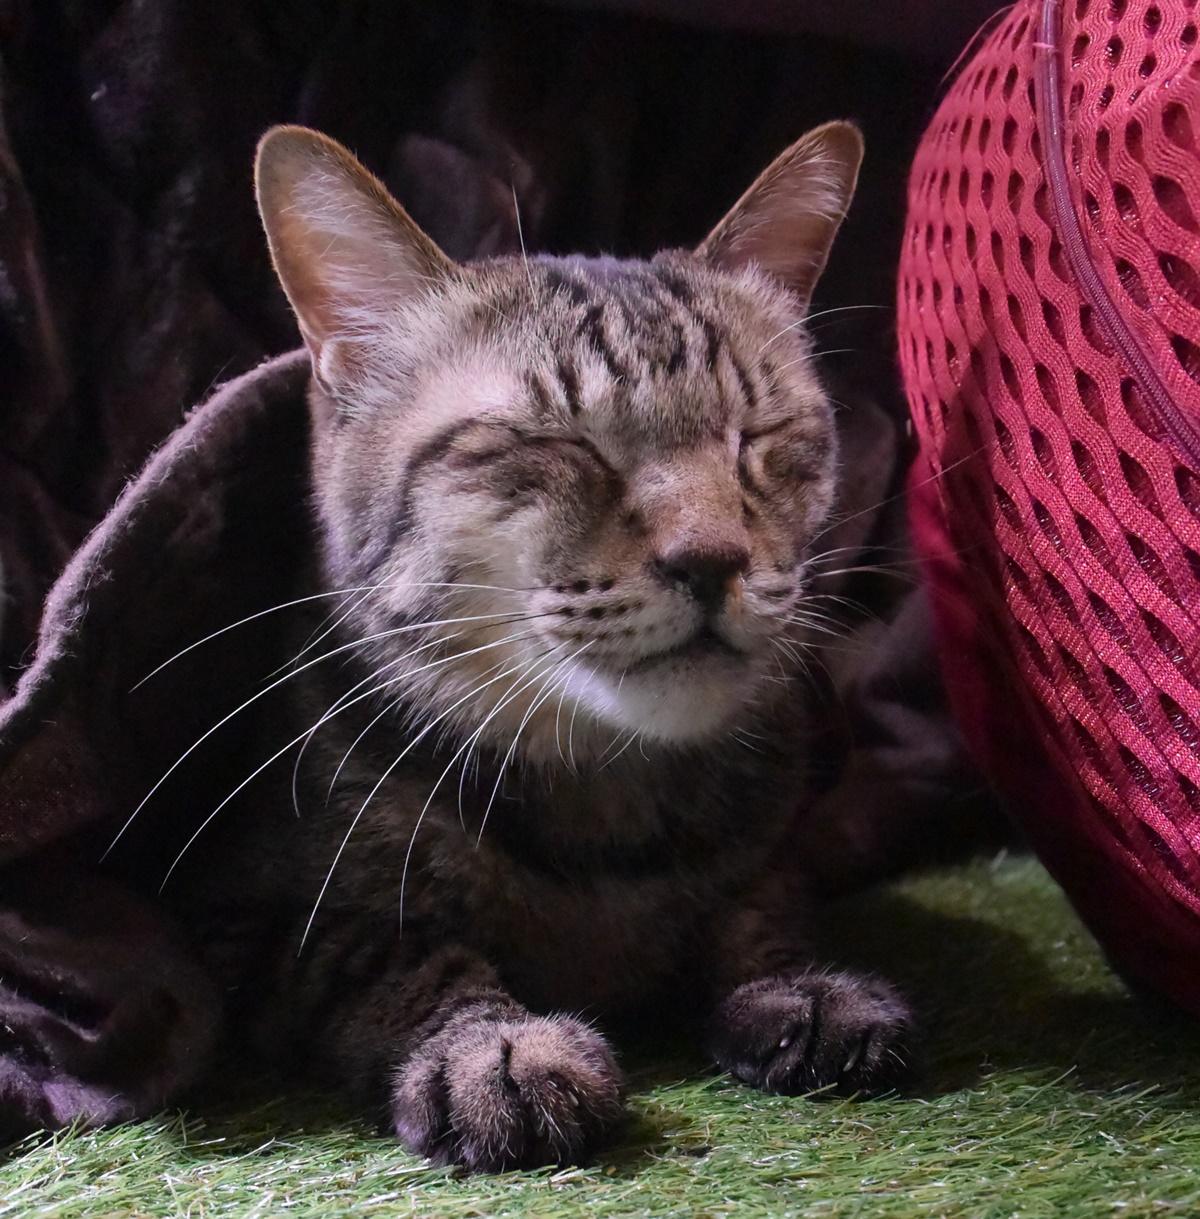 コタツから出てきてくつろぐ猫